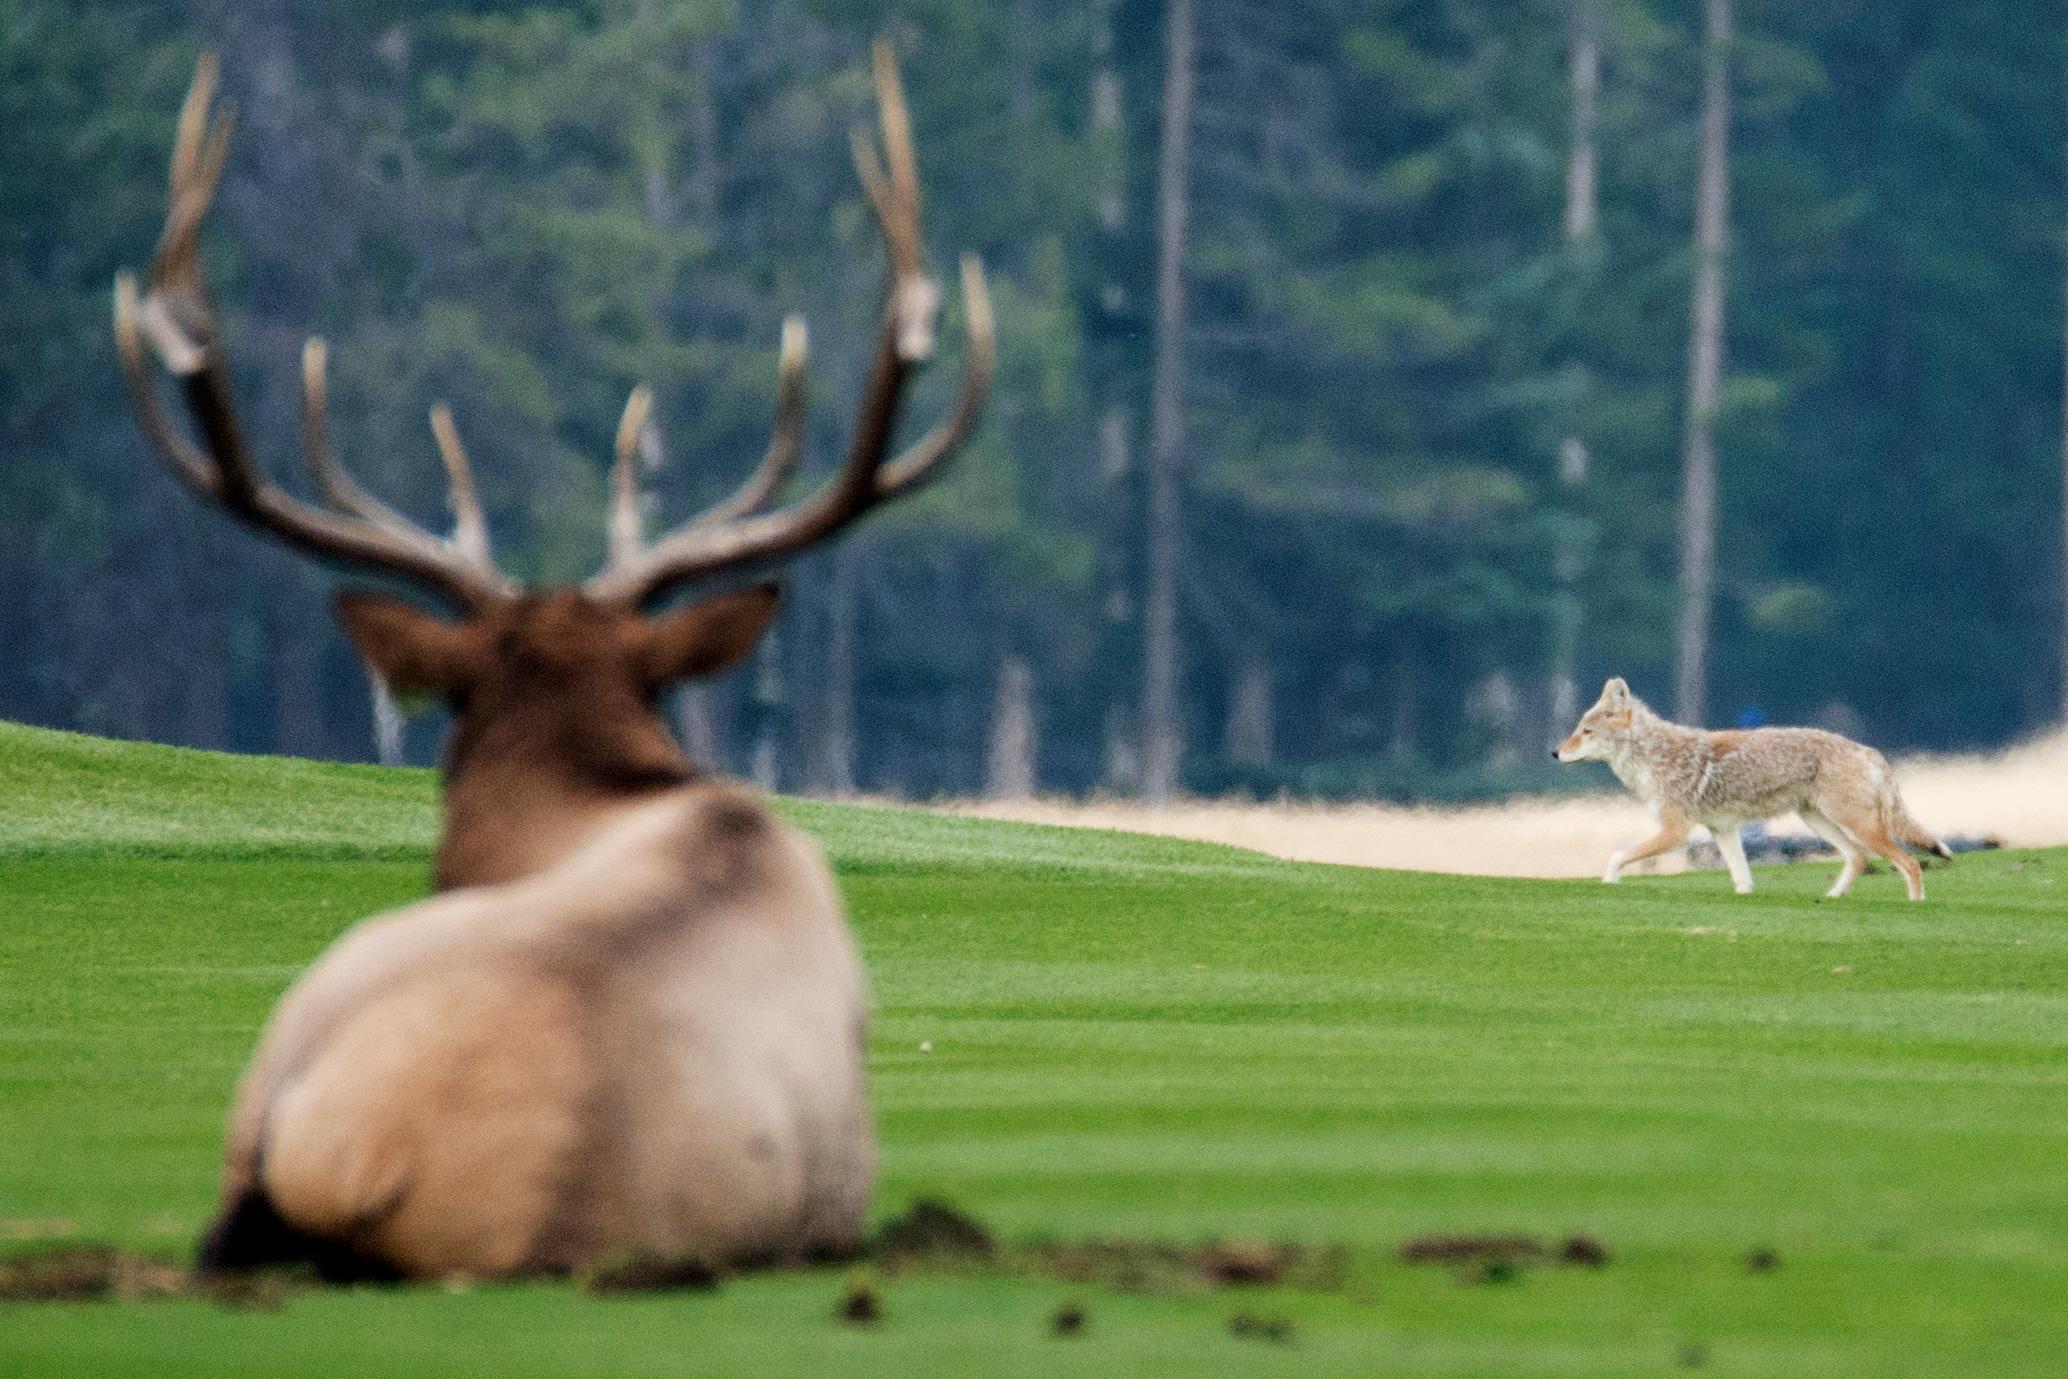 20170917_Banff_Springs_Dinner_Golf_Elk_052_s.jpg